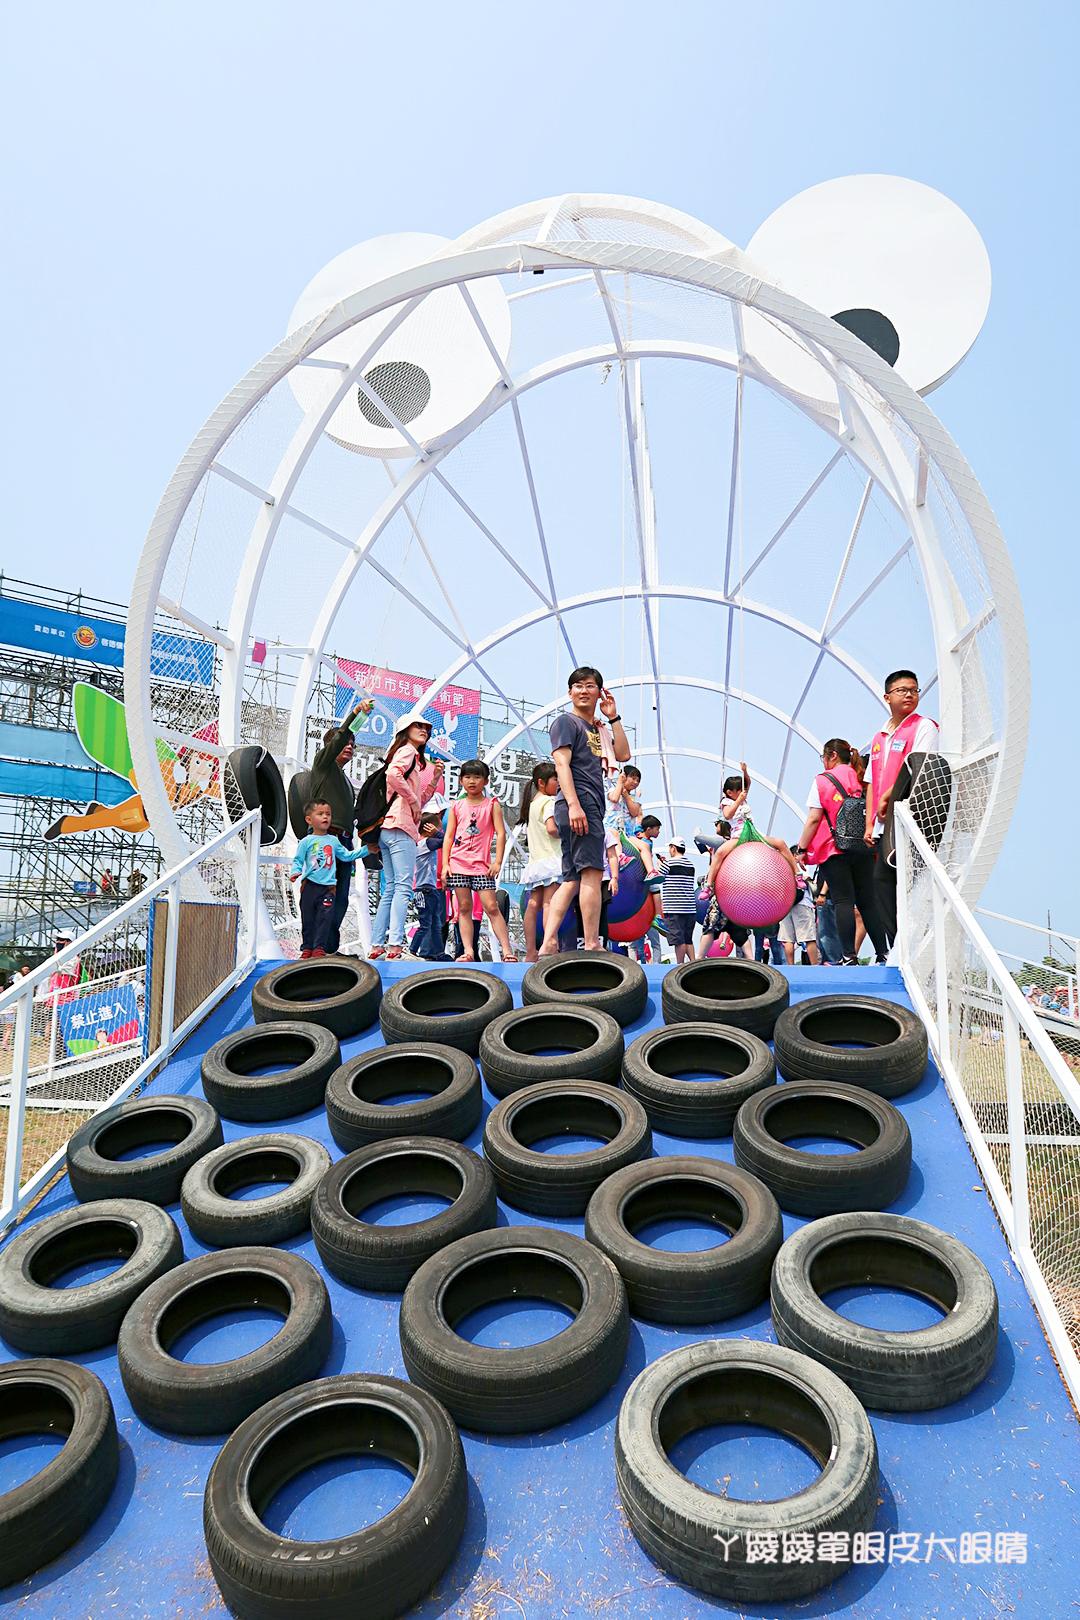 新竹市兒童藝術節懶人包!風的運動場活動時間、接駁車交通管制、新竹美食小吃整理、現場照片紀錄